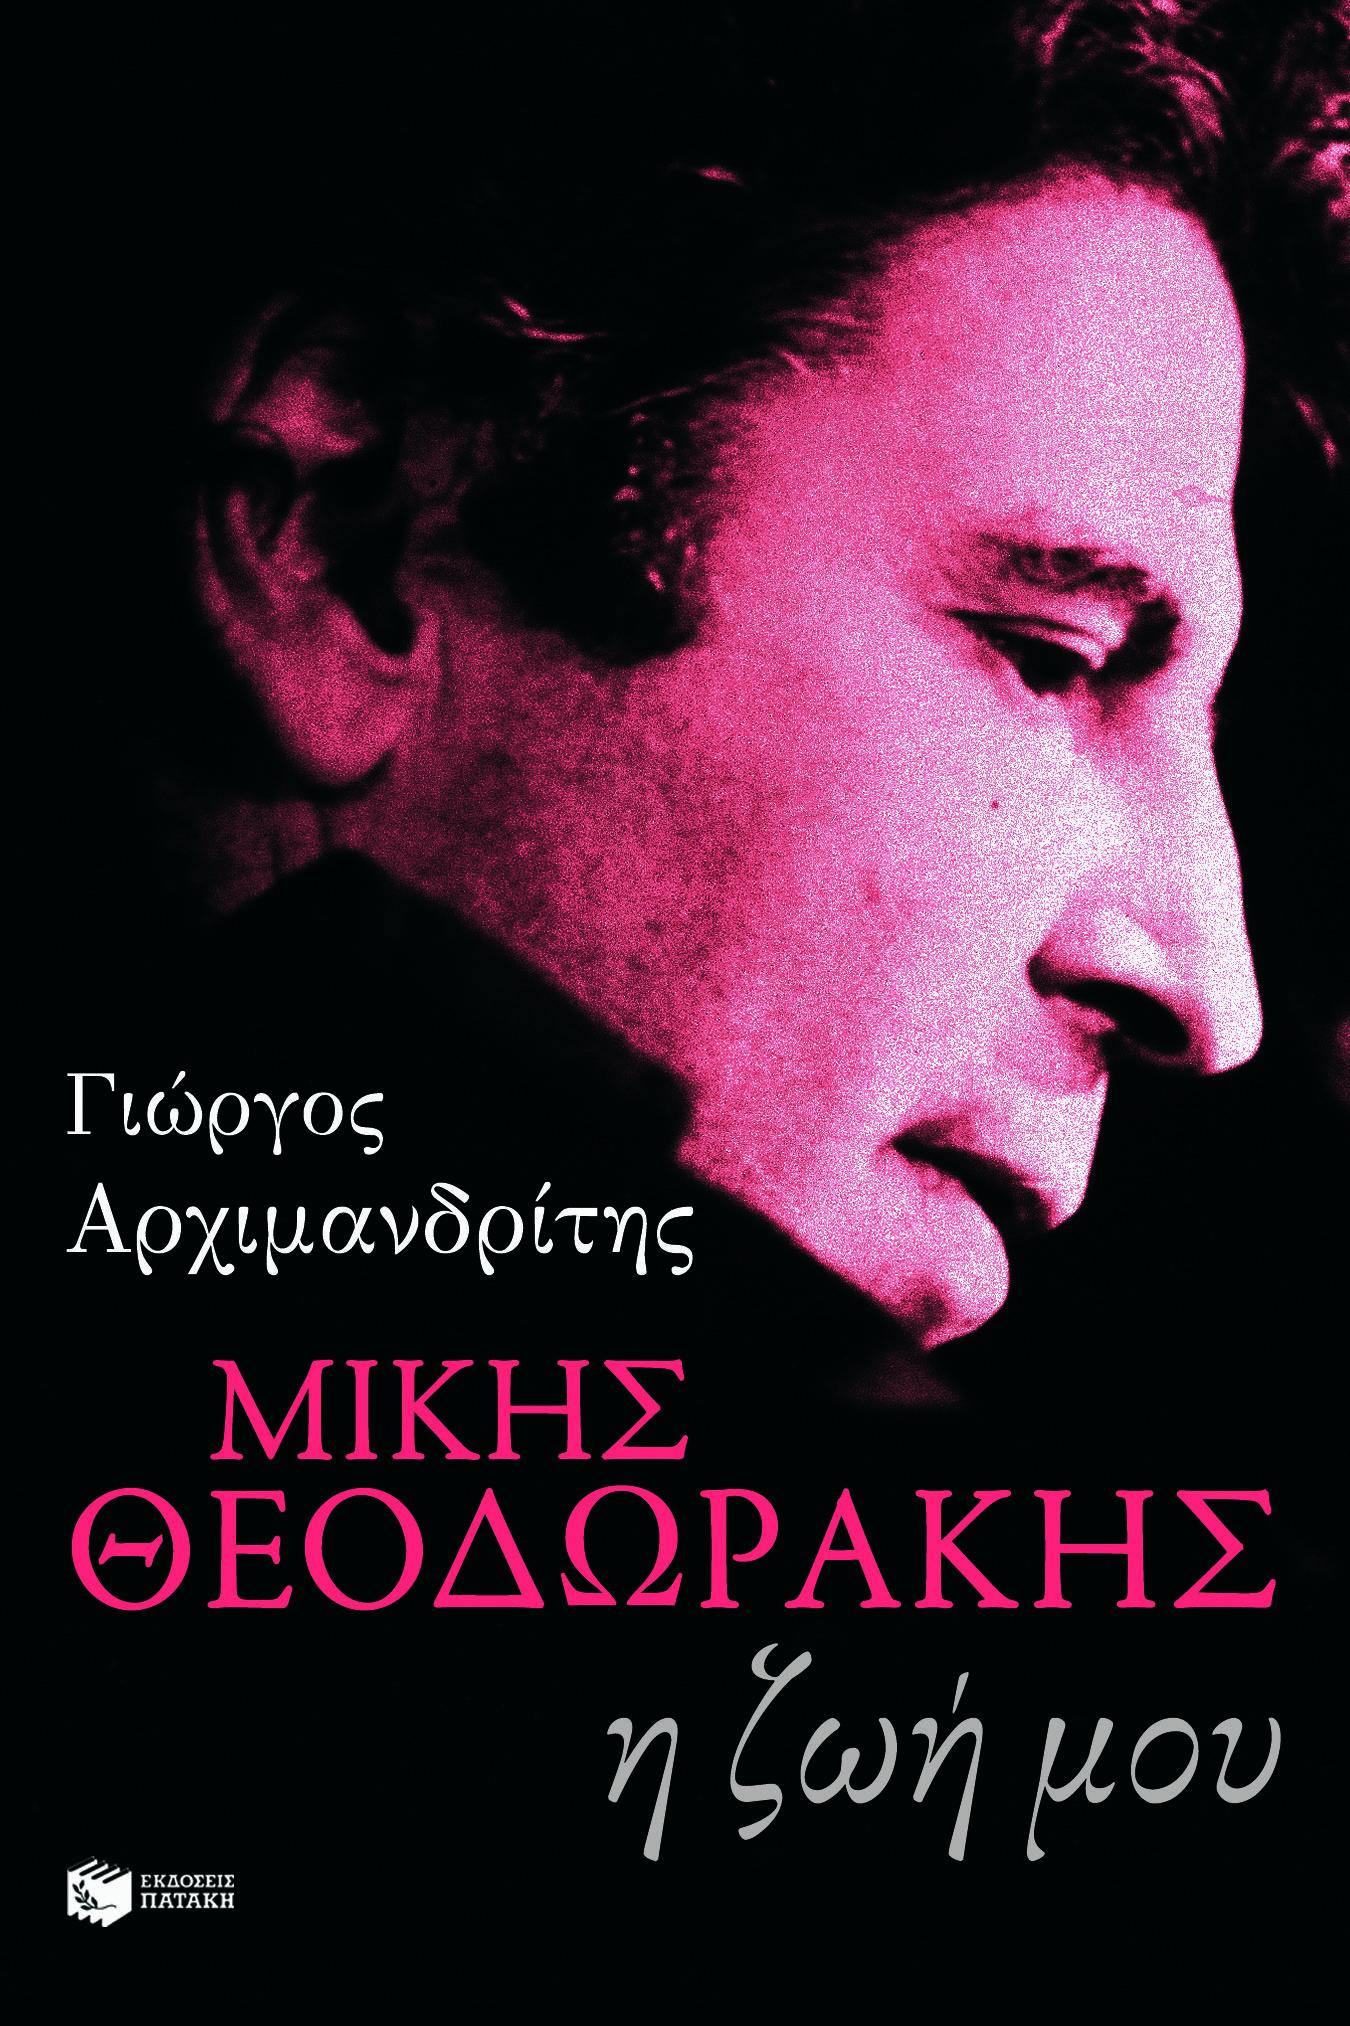 mikis theodorakis